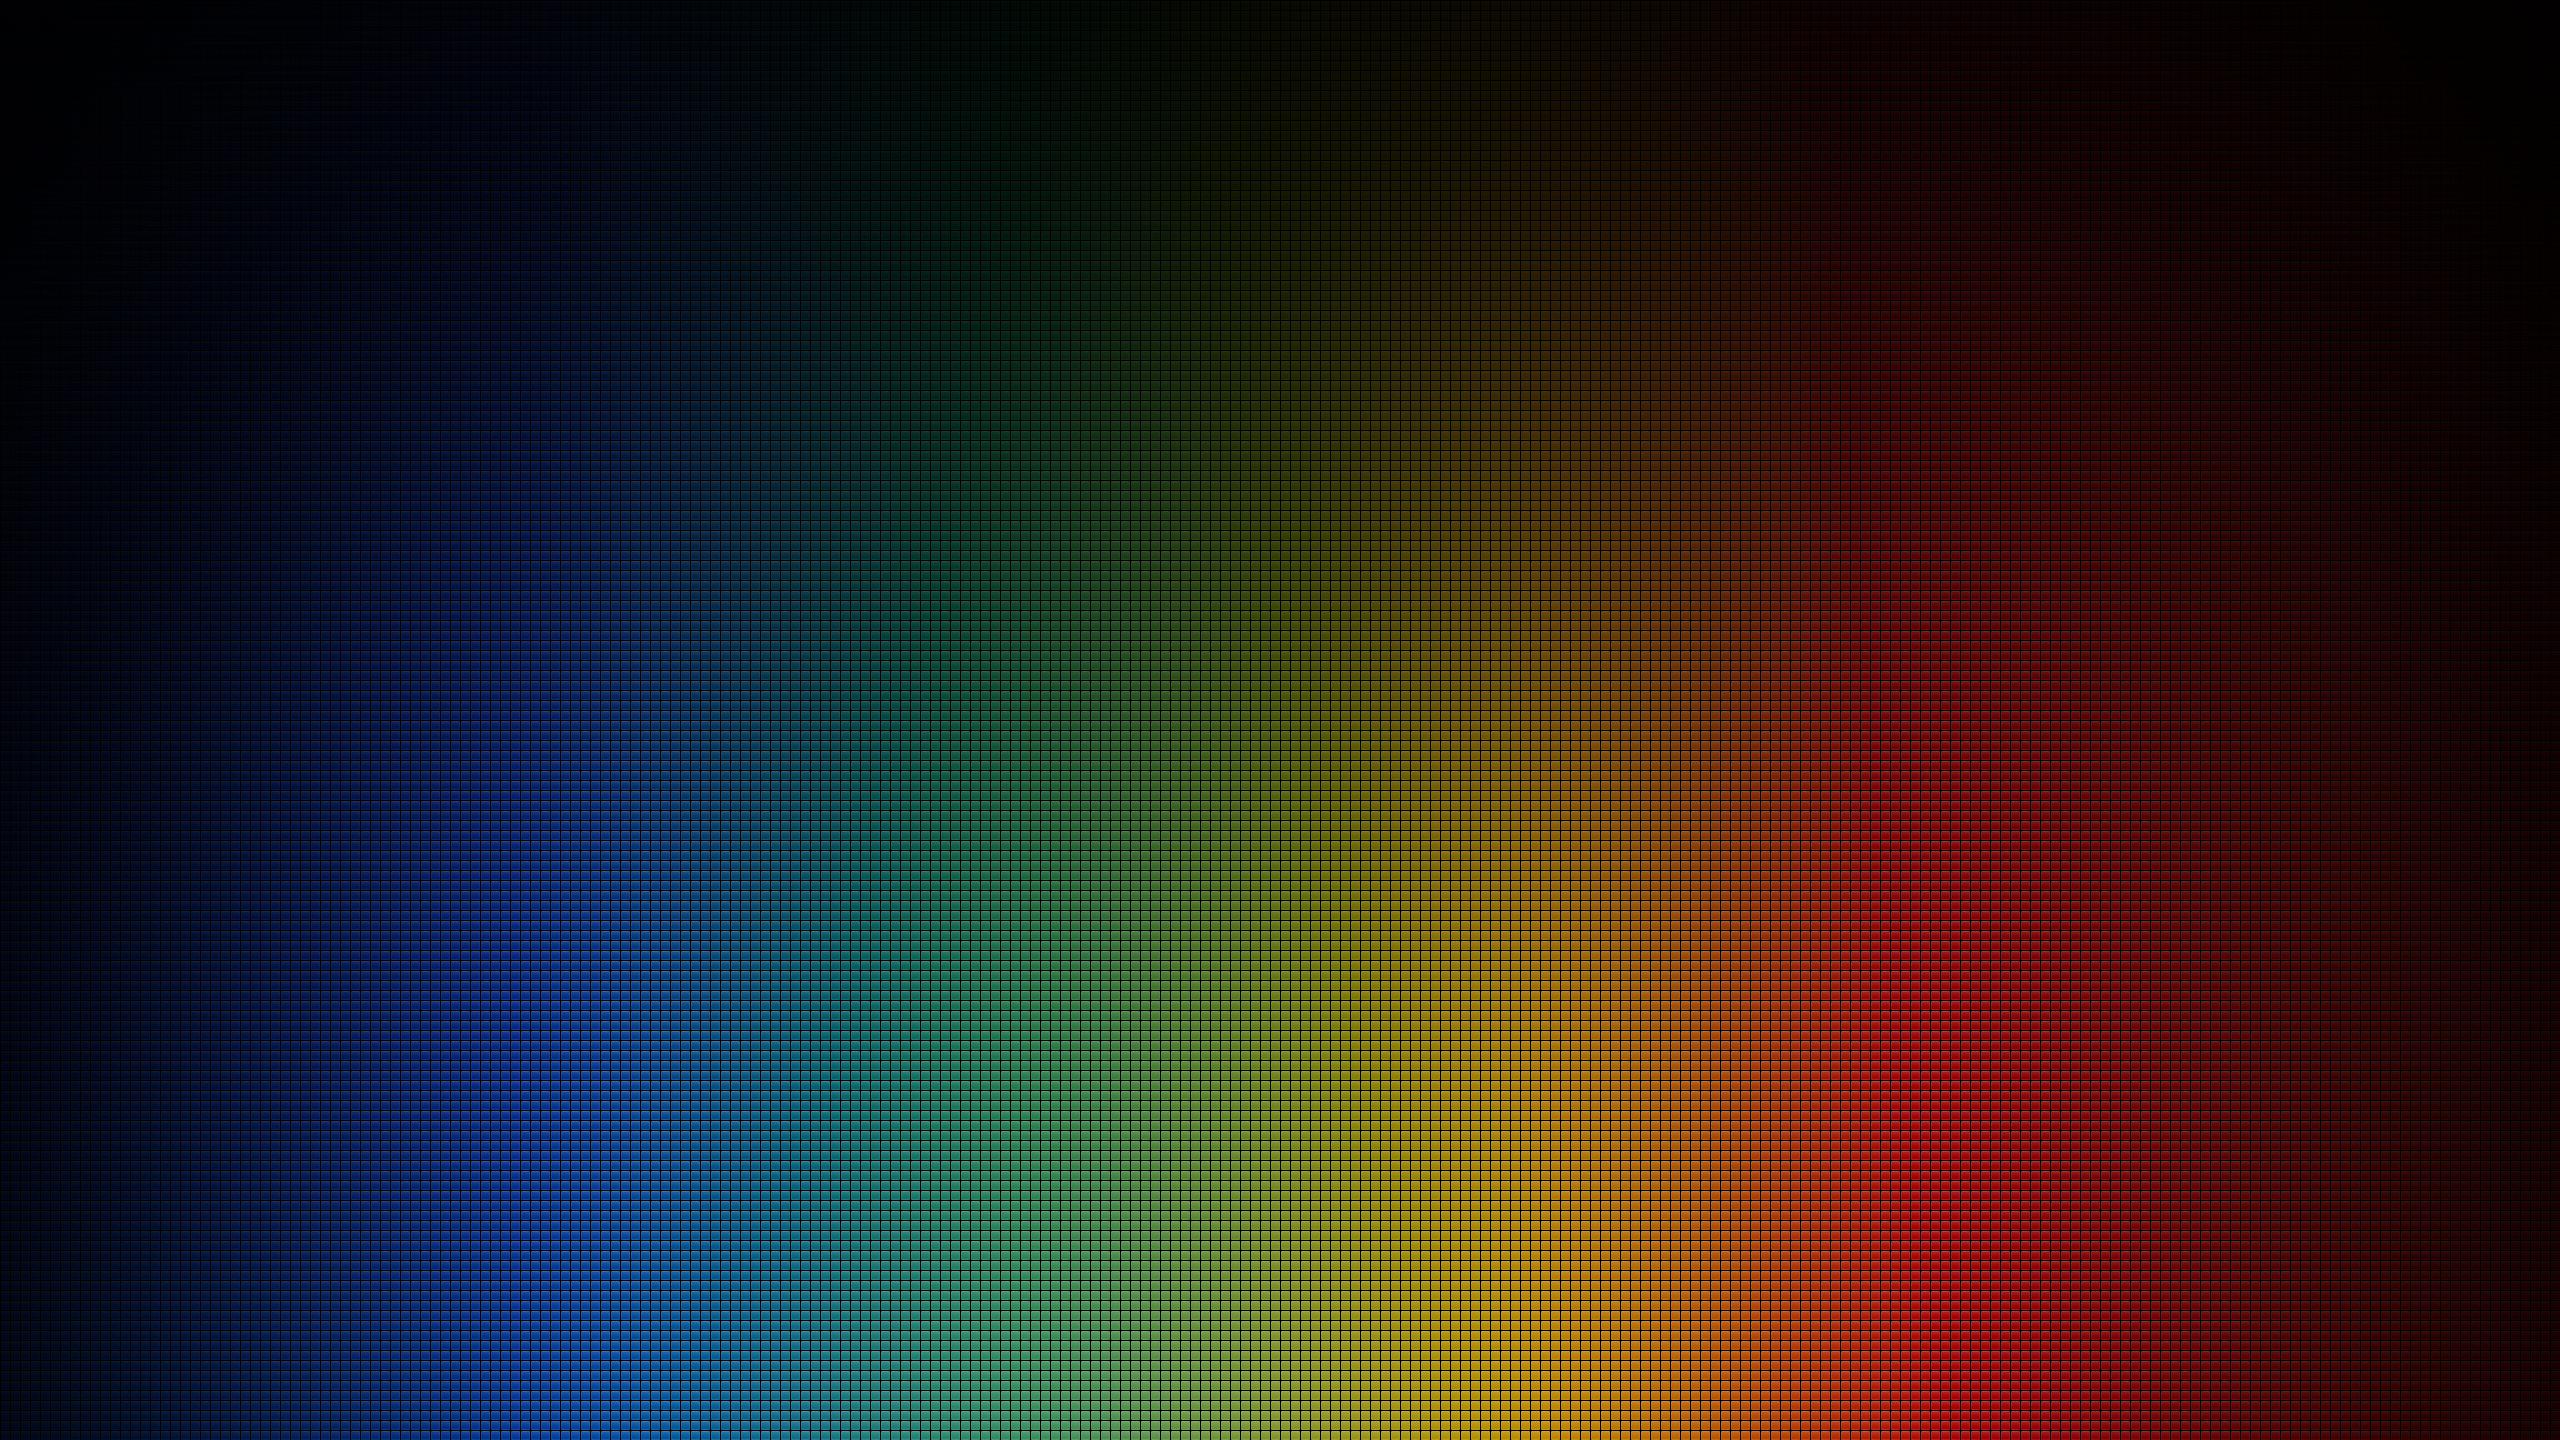 wallpaper: retinatim van damme - dribbble